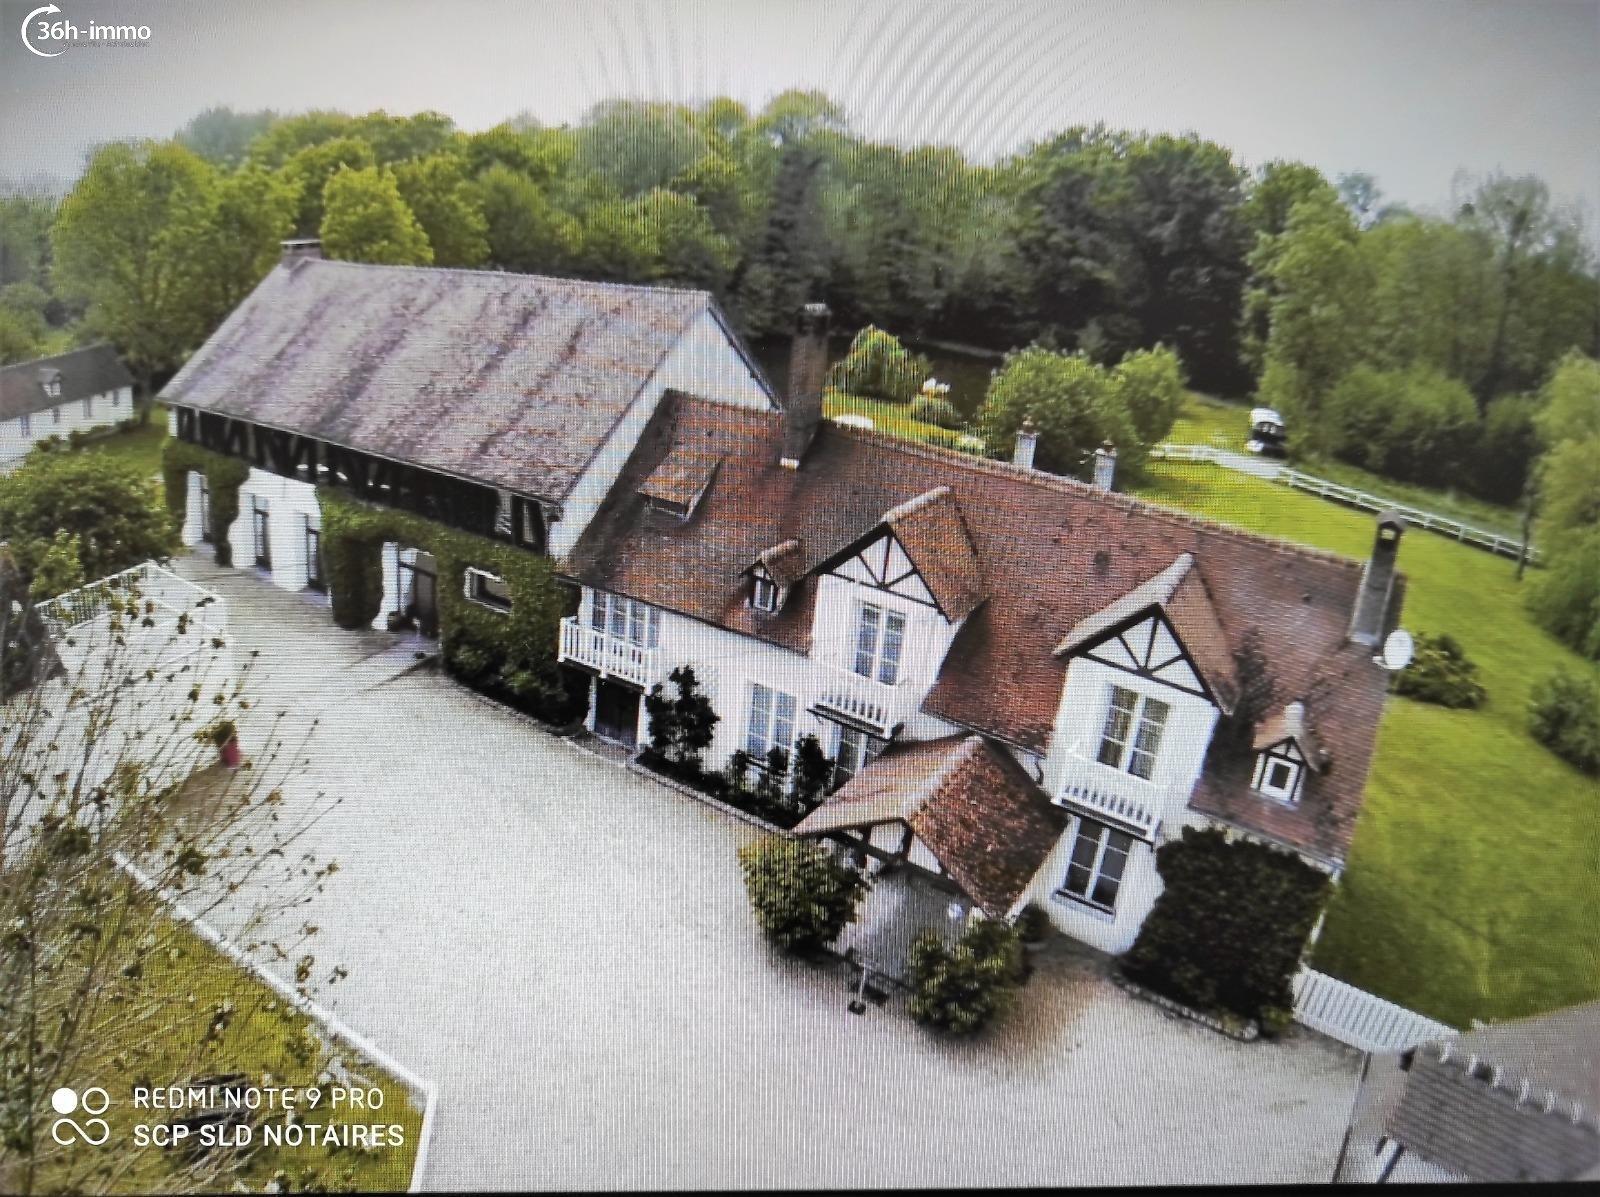 Propriété Amenucourt 95510 Val-d'Oise 800 m<sup>2</sup> 20 pi&eagrave;ces 1185000 euros